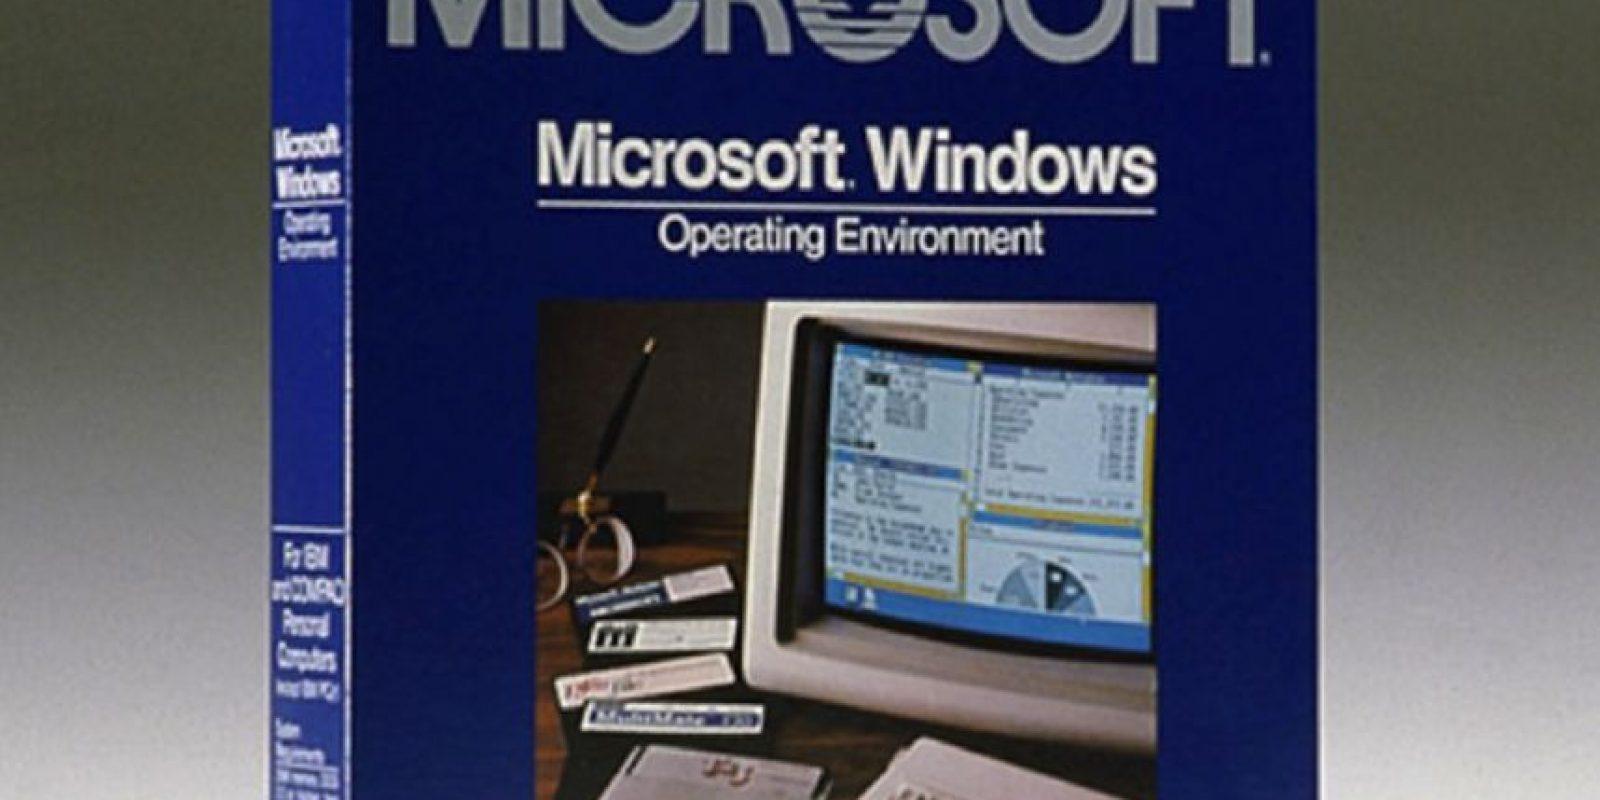 Microsoft inició actividades en el año de 1975 con la producción de software y pequeñas computadoras de escritorio. Les presentamos el Windows 1.0 creado por esta empresa en 1983 Foto:windows.microsoft.com